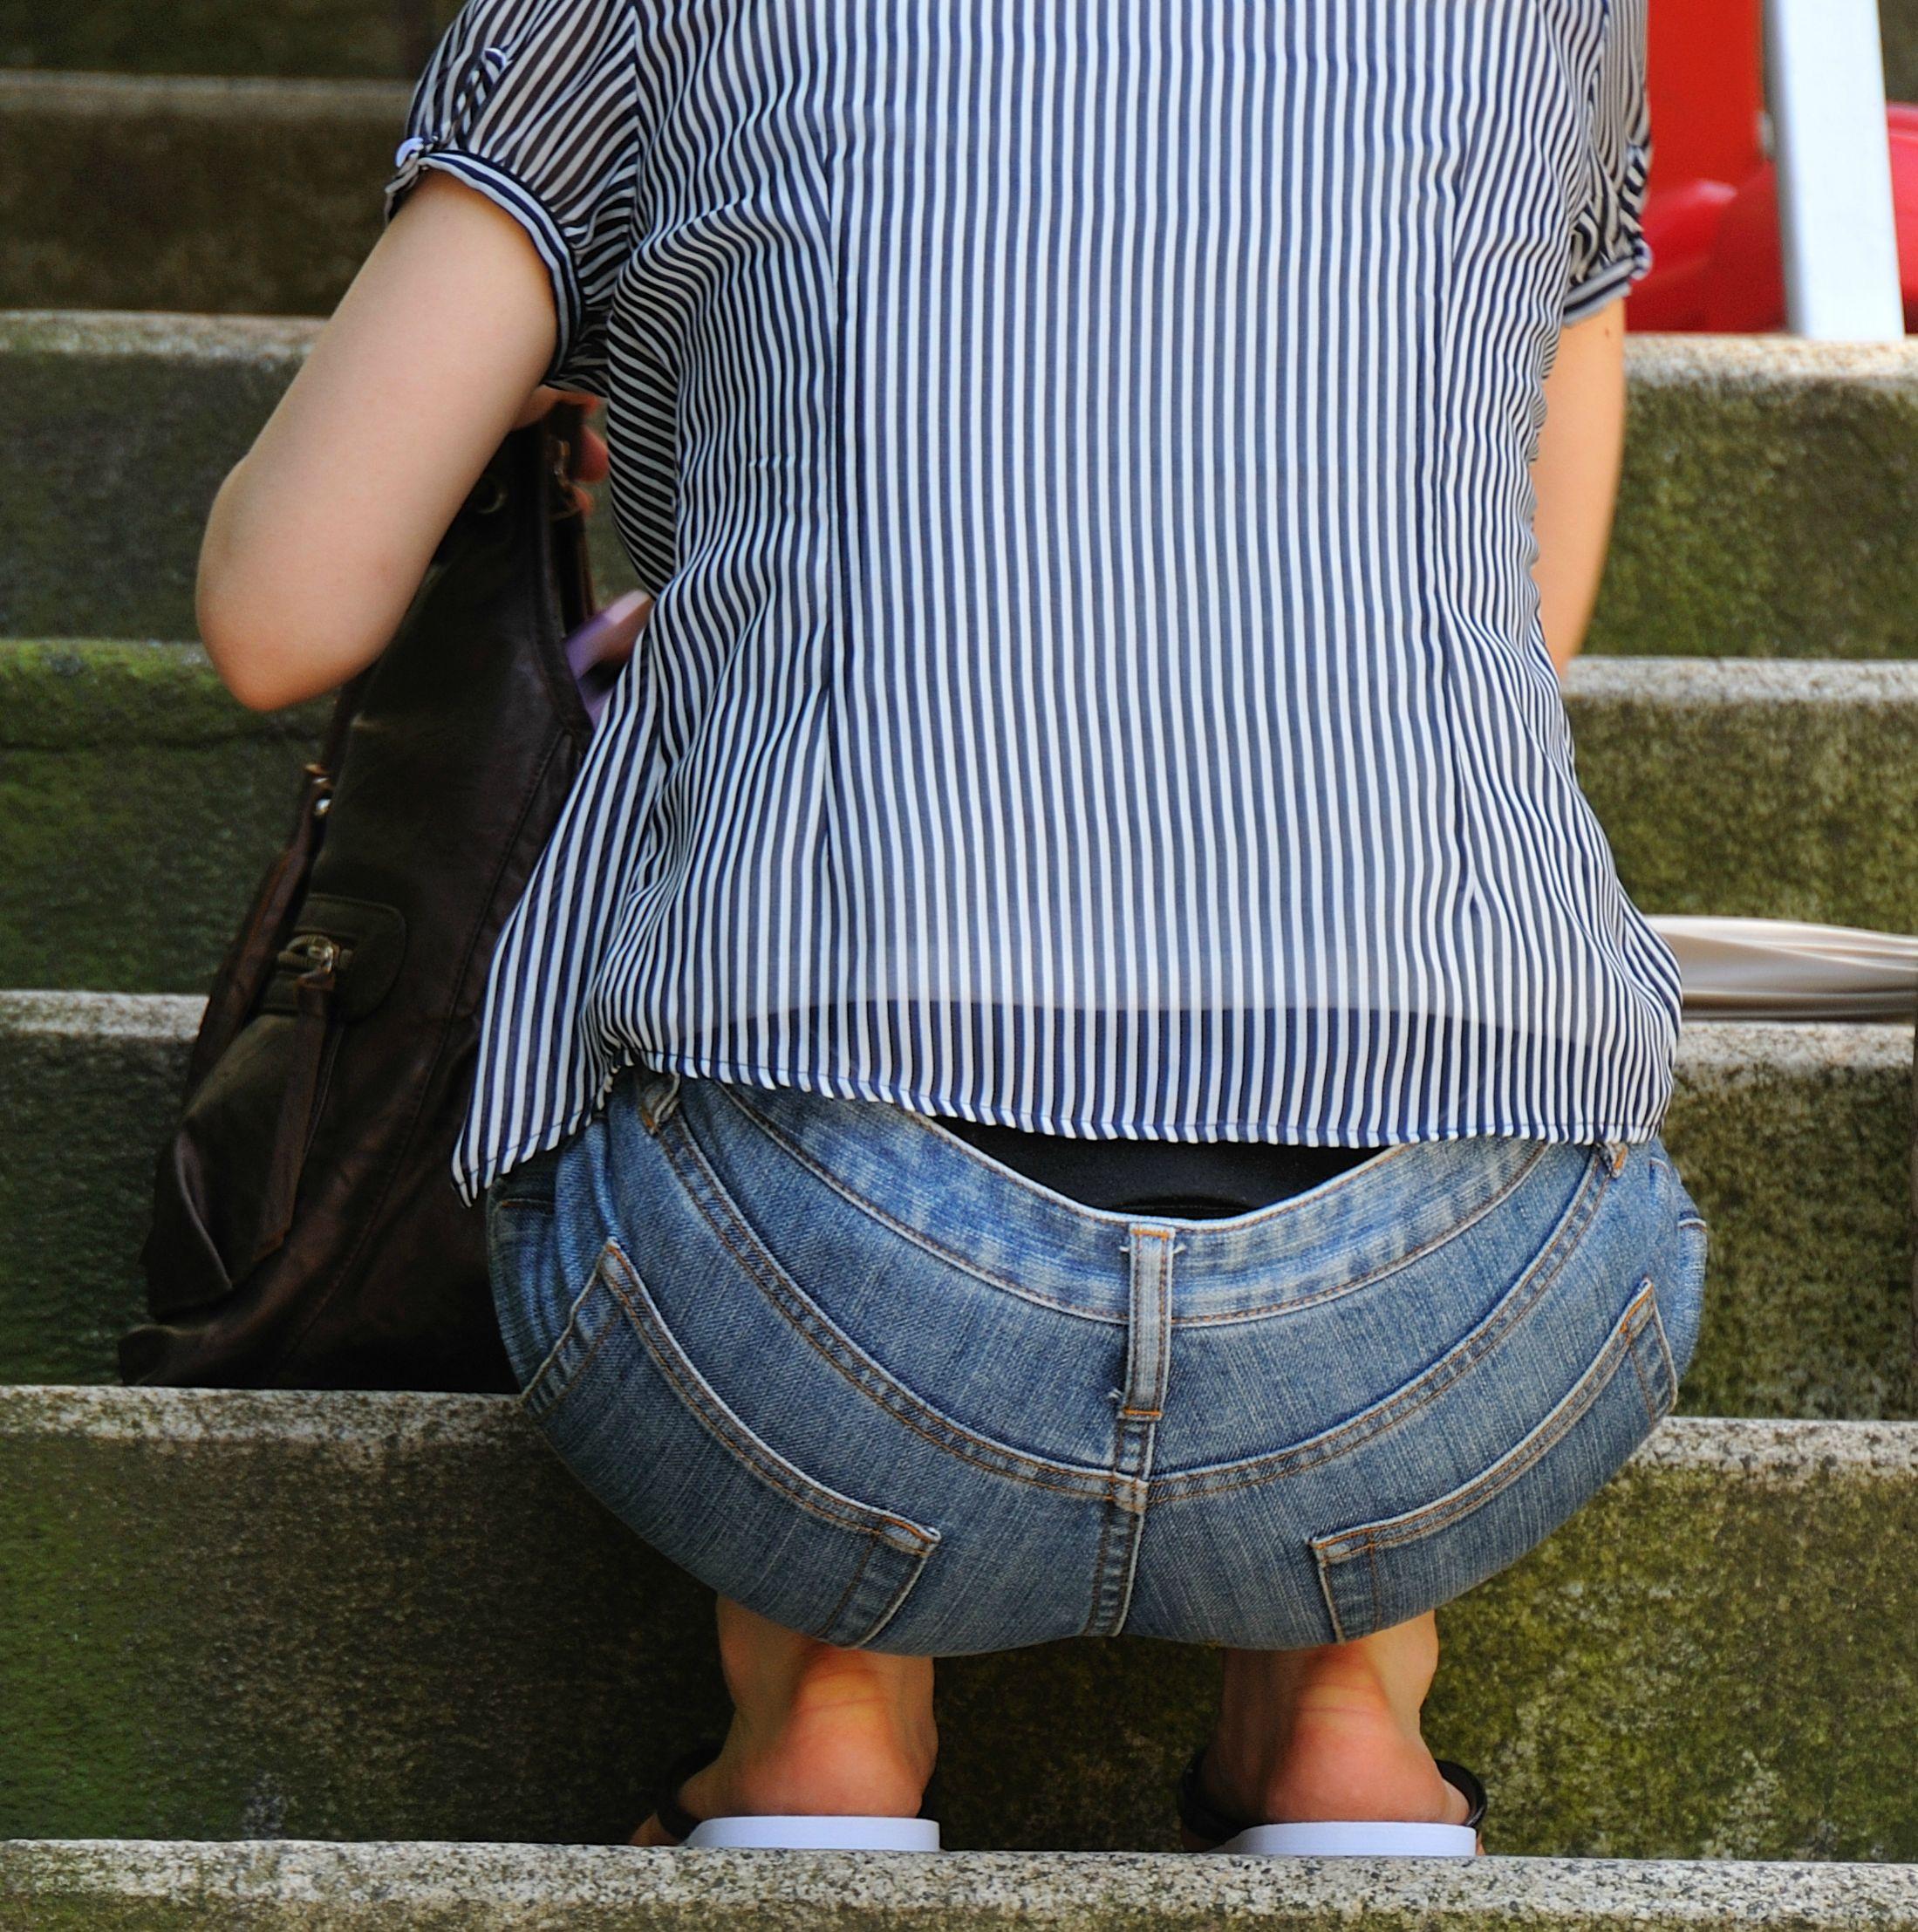 しゃがんでる女性の腰から黒下着が見えた!